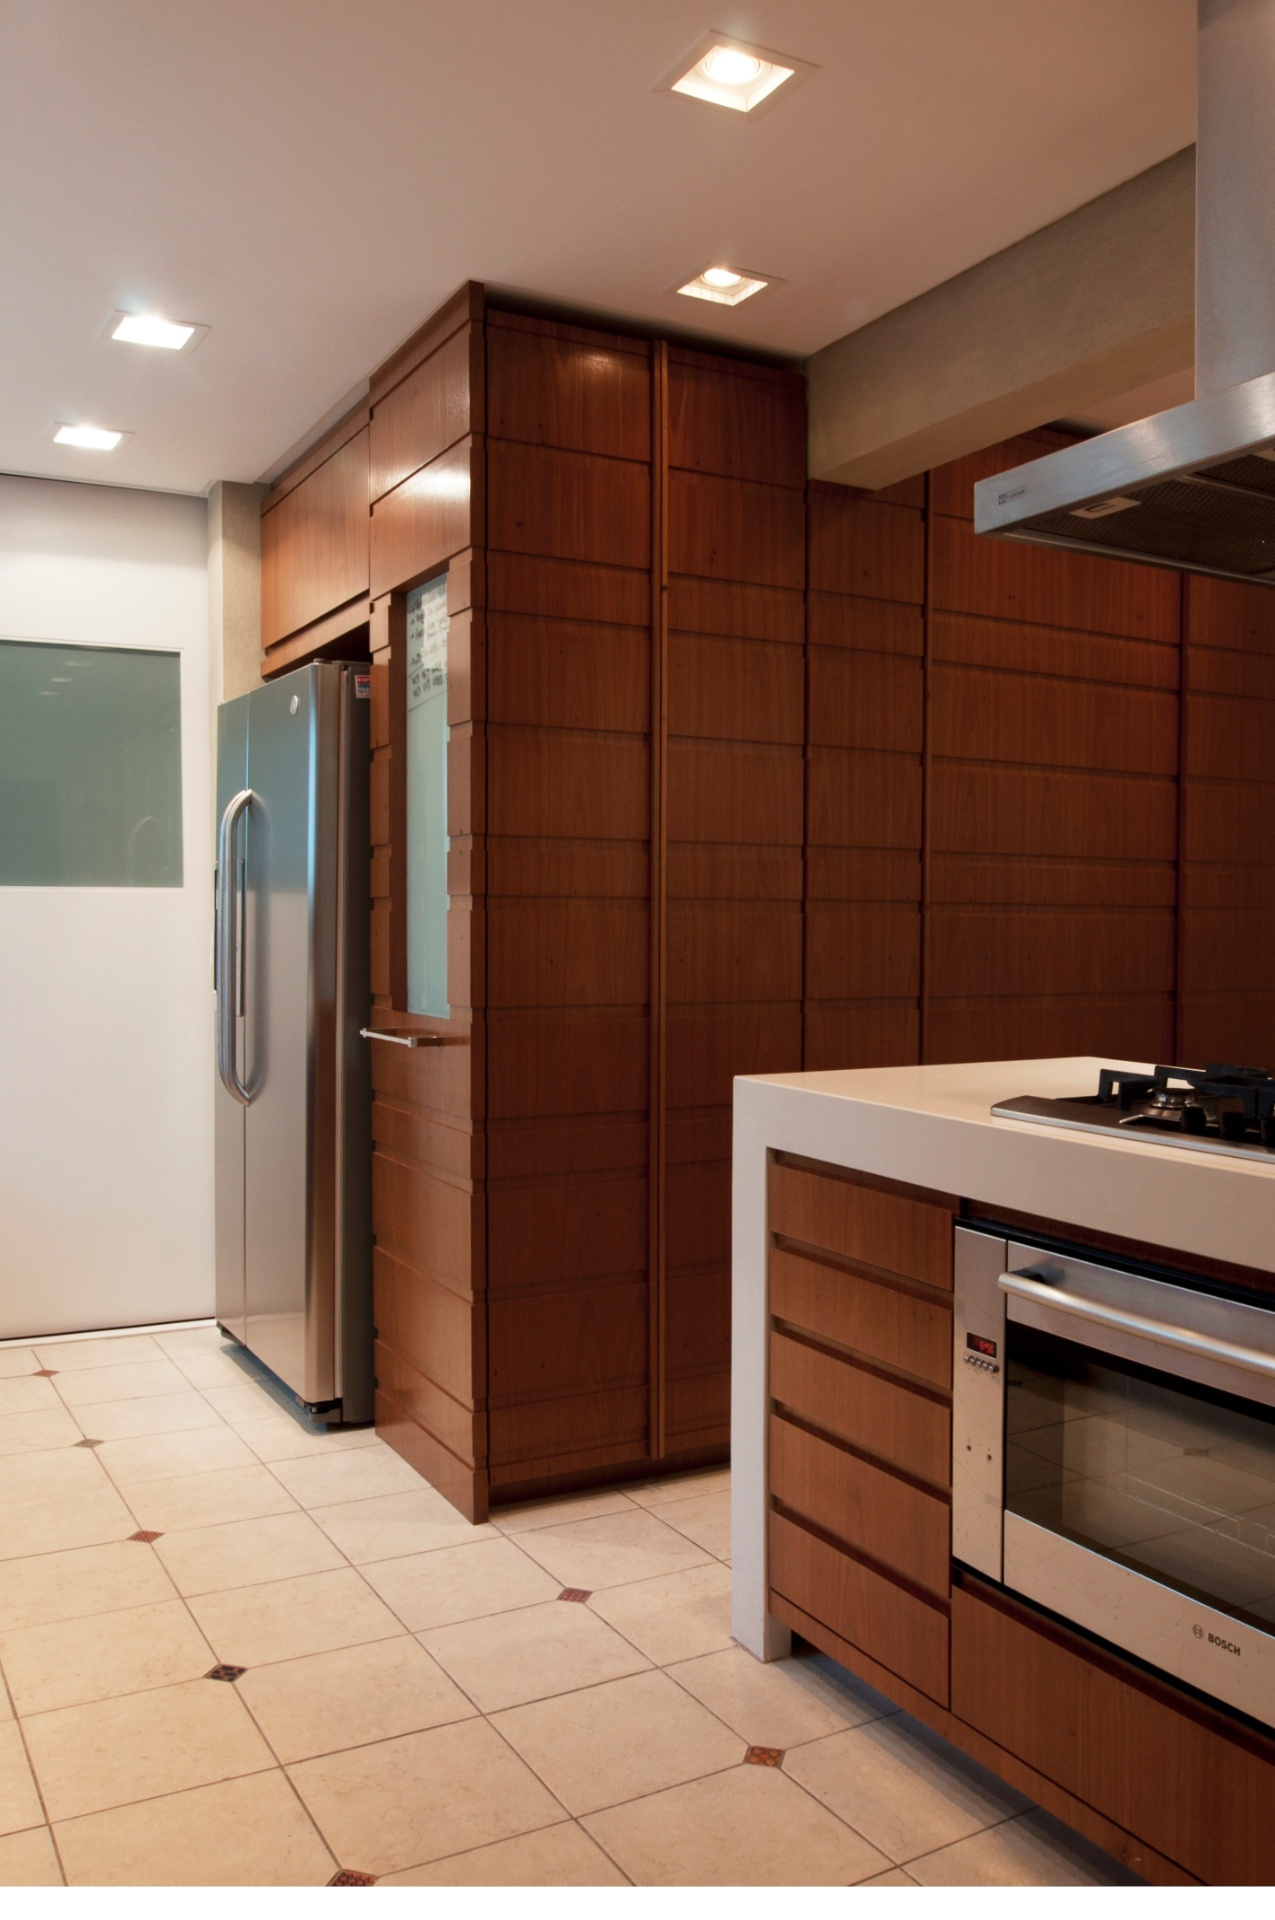 A caixa em madeira freijó avança para dentro da cozinha e oferece um nicho para a geladeira. A porta branca com vidro, também de correr, leva à futura brinquedoteca. Quando as crianças forem maiores, poderão brincar sob os olhos atentos dos pais. No piso da cozinha do apartamento Itapaiuna II, projetado por Crisa Santos, cerâmica Eliane